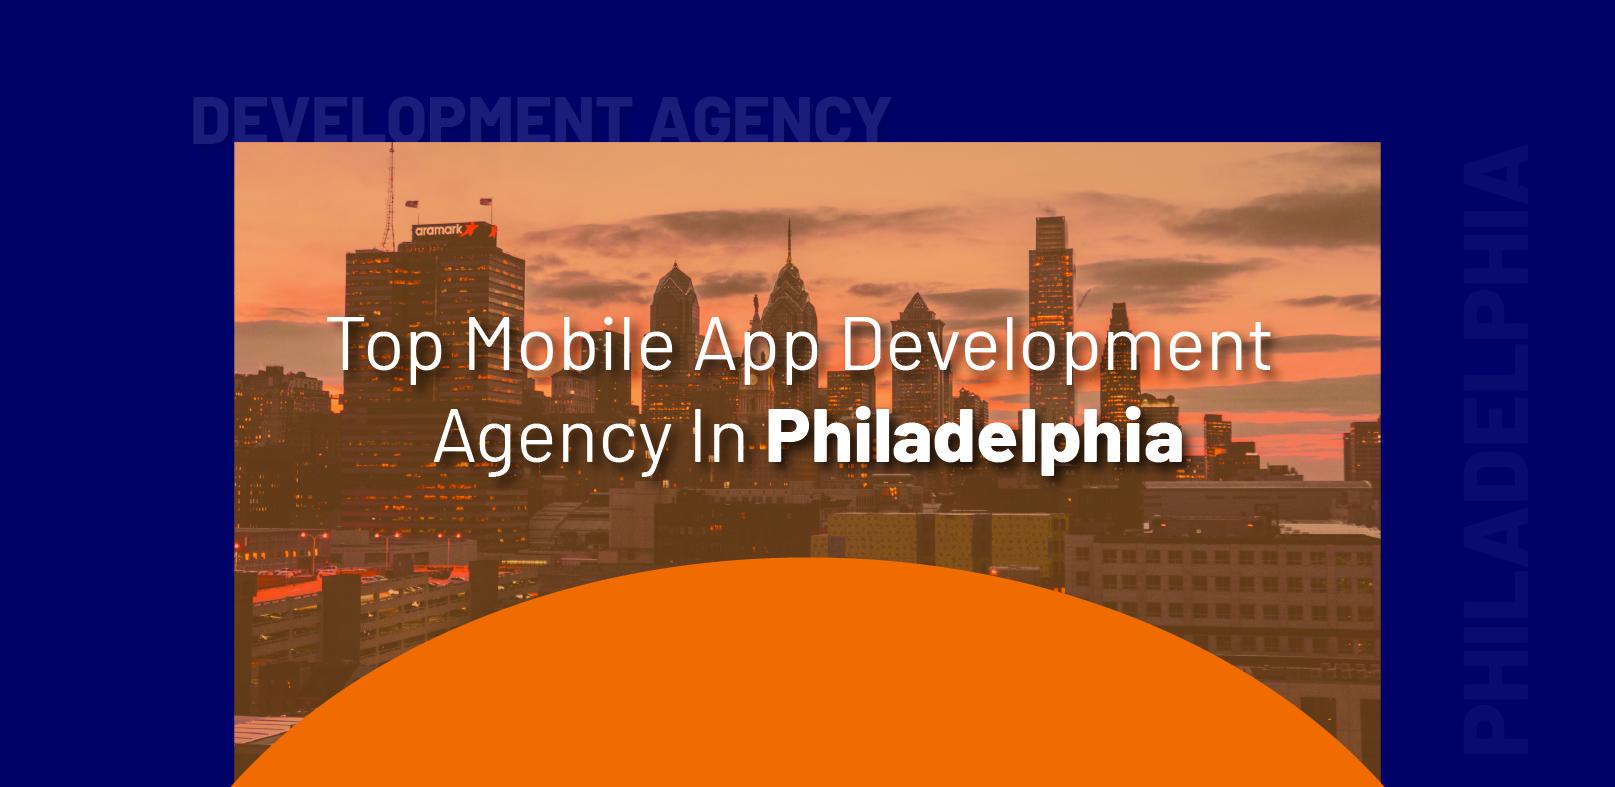 Top Mobile App Development Agency in Philadelphia - WebClues Infotech